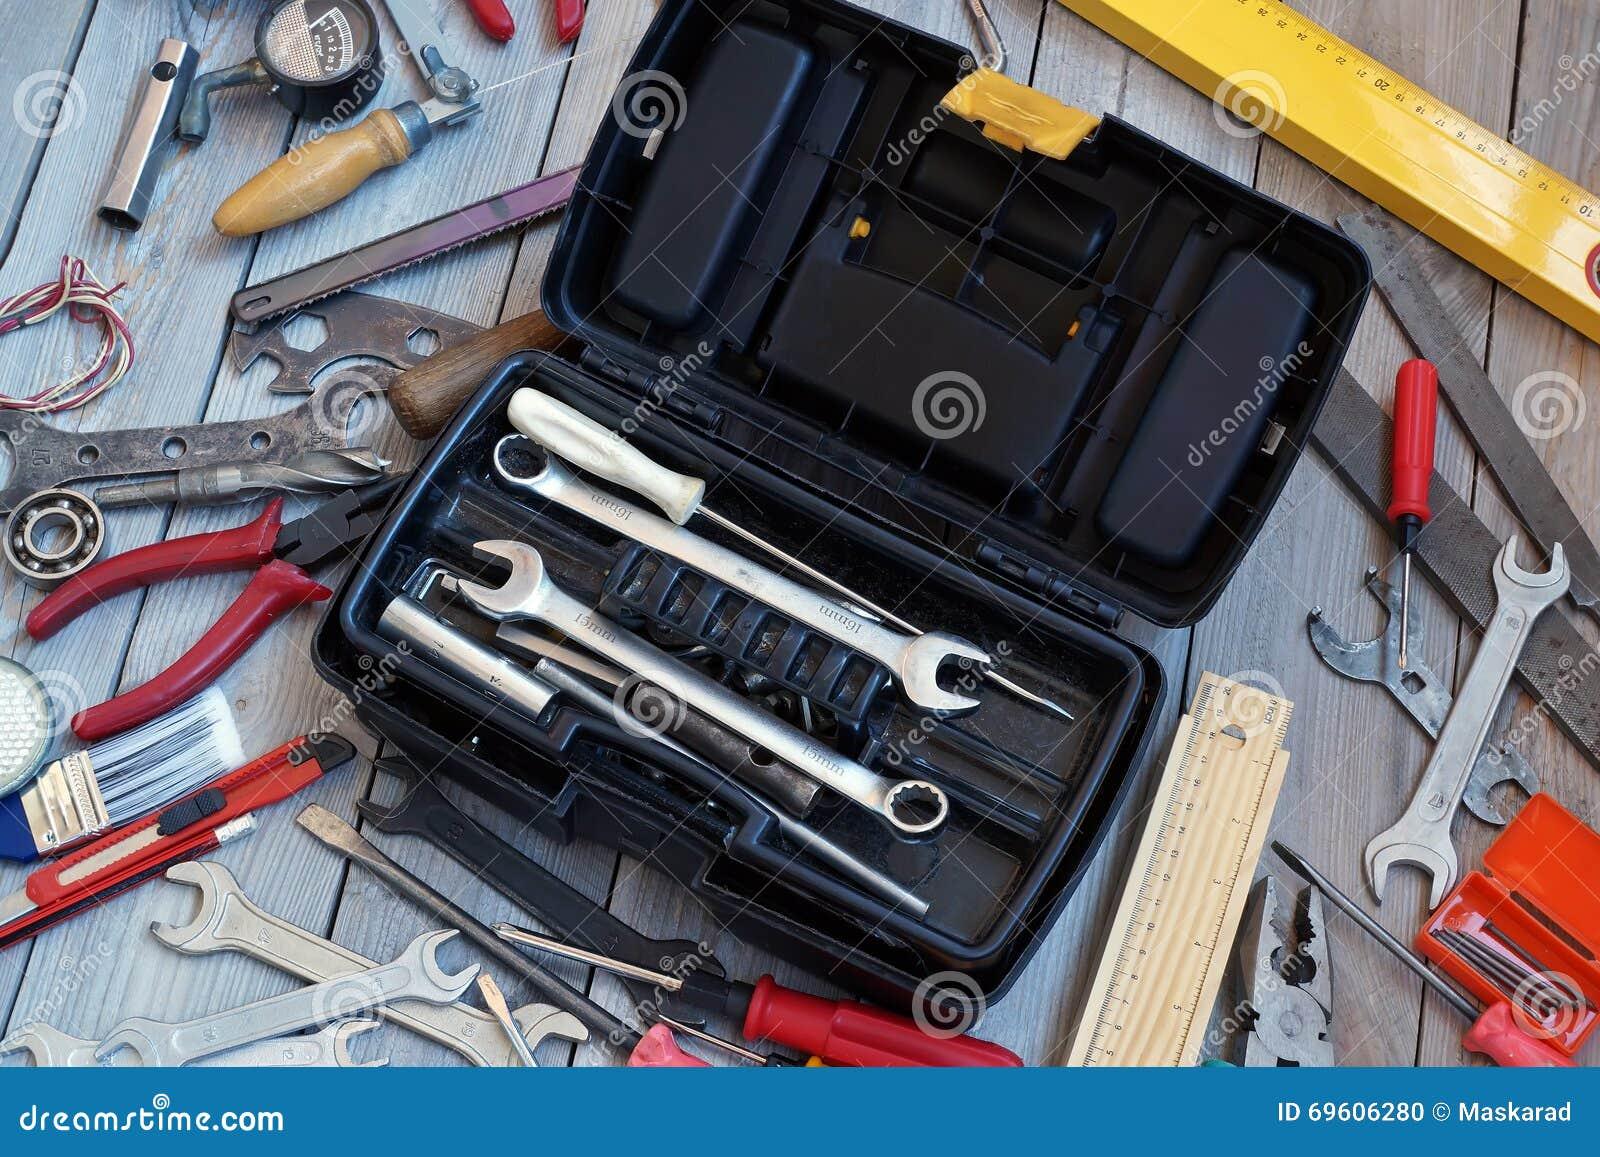 Caja de herramientas en el piso de madera, visión desde arriba